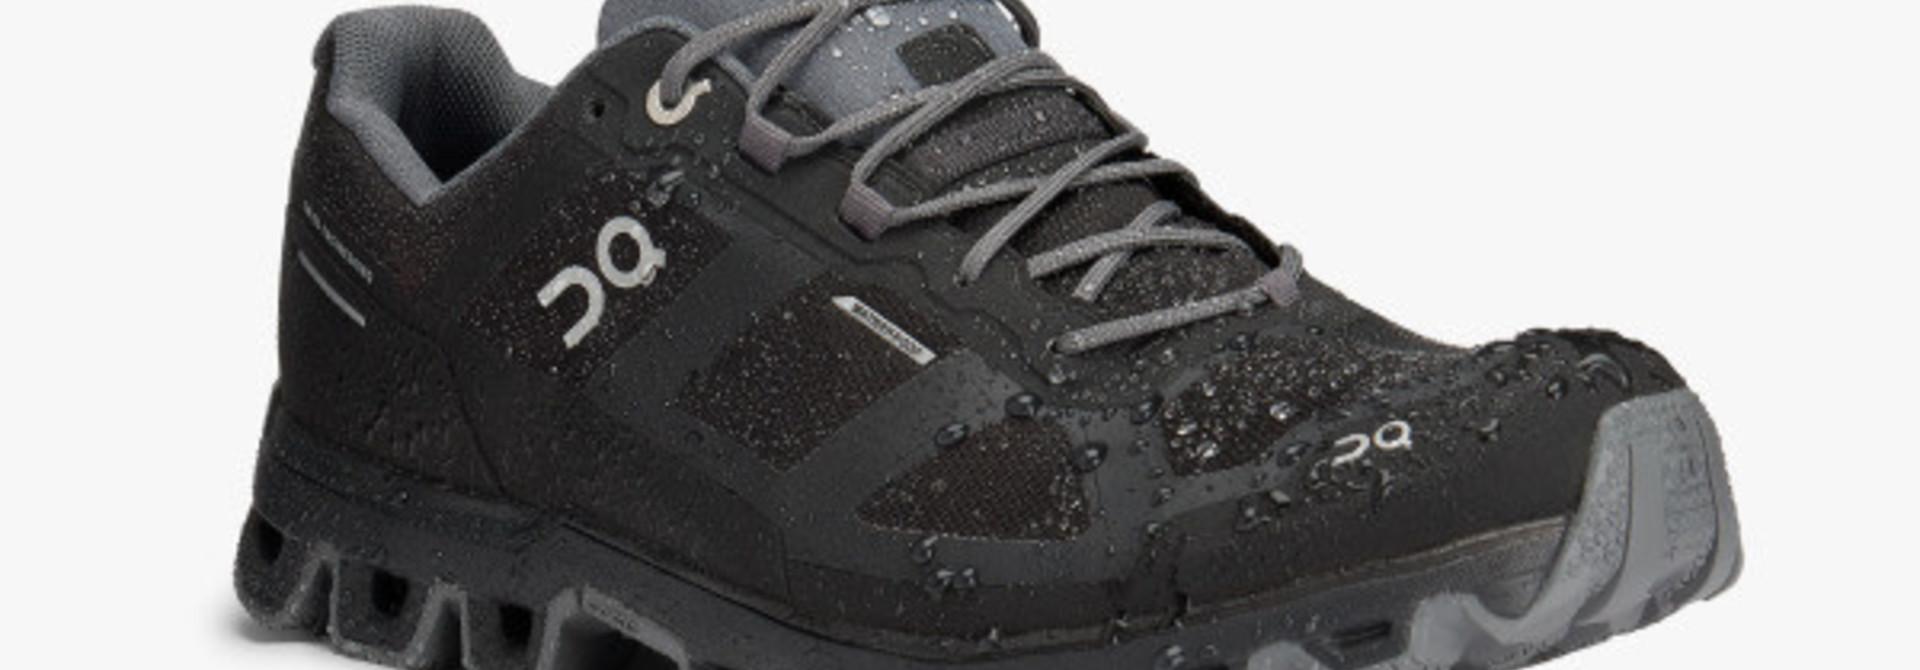 Men's Cloudventure Waterproof